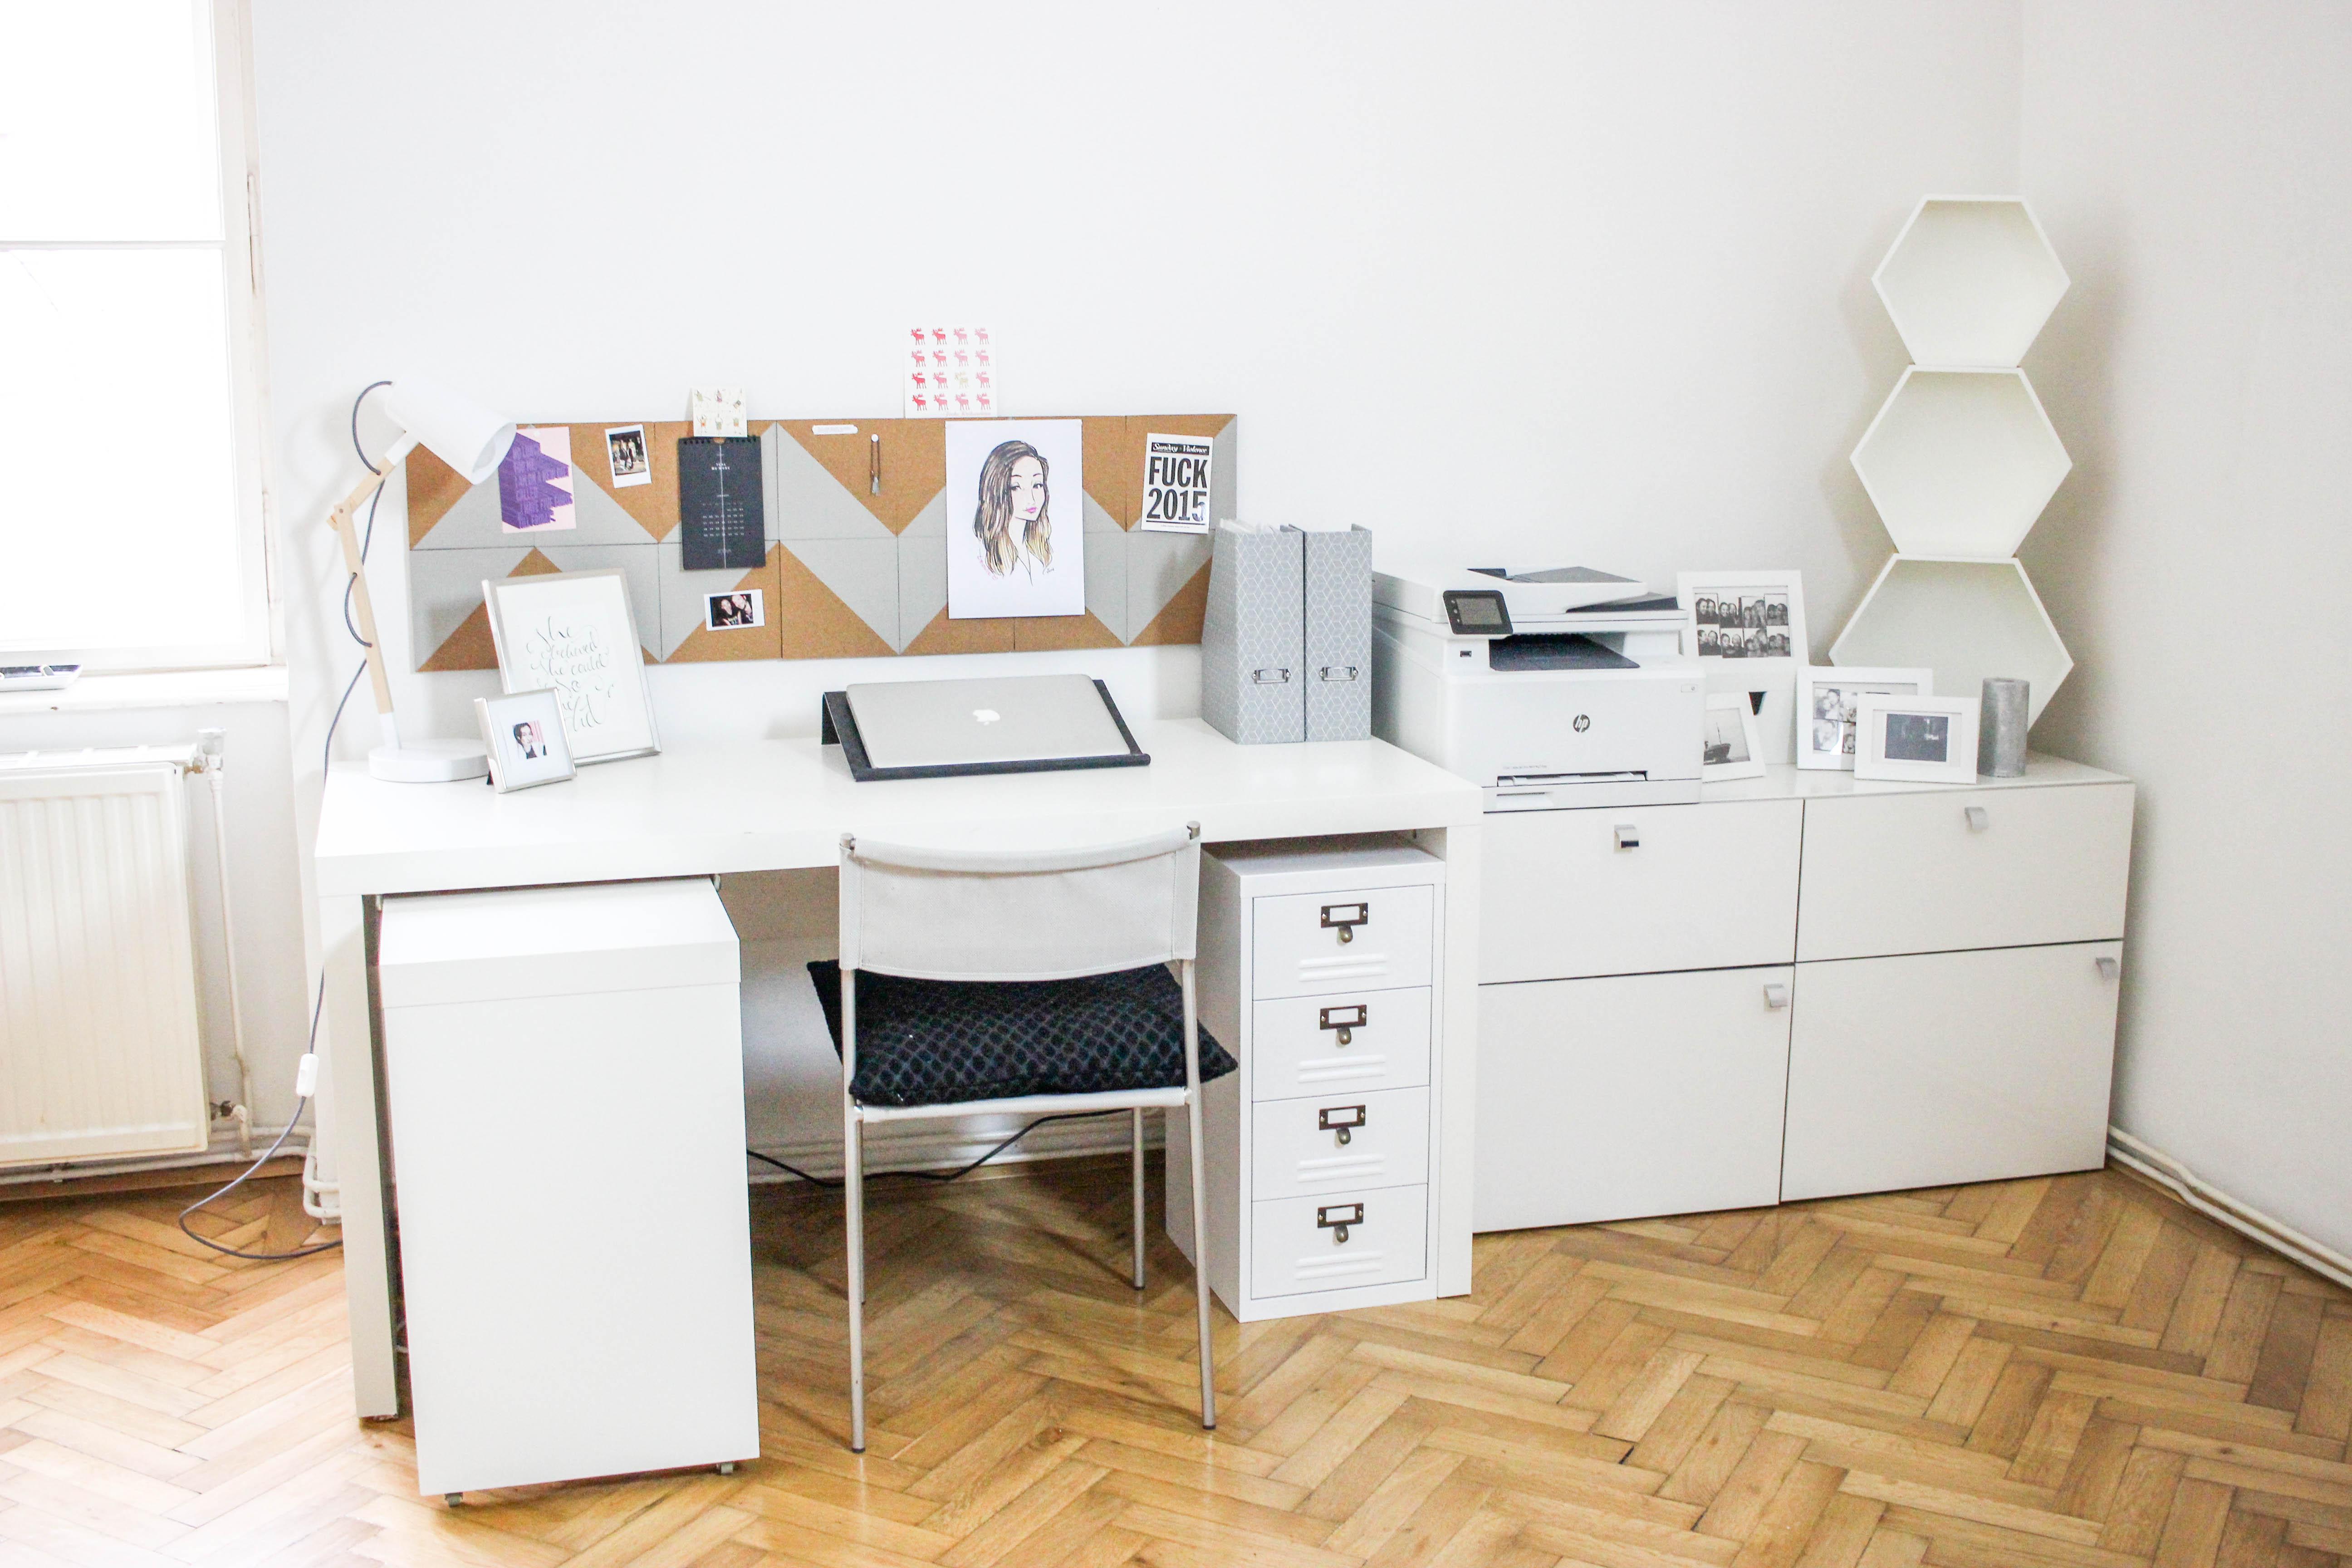 der perfekte arbeitsplatz leonie rachel. Black Bedroom Furniture Sets. Home Design Ideas